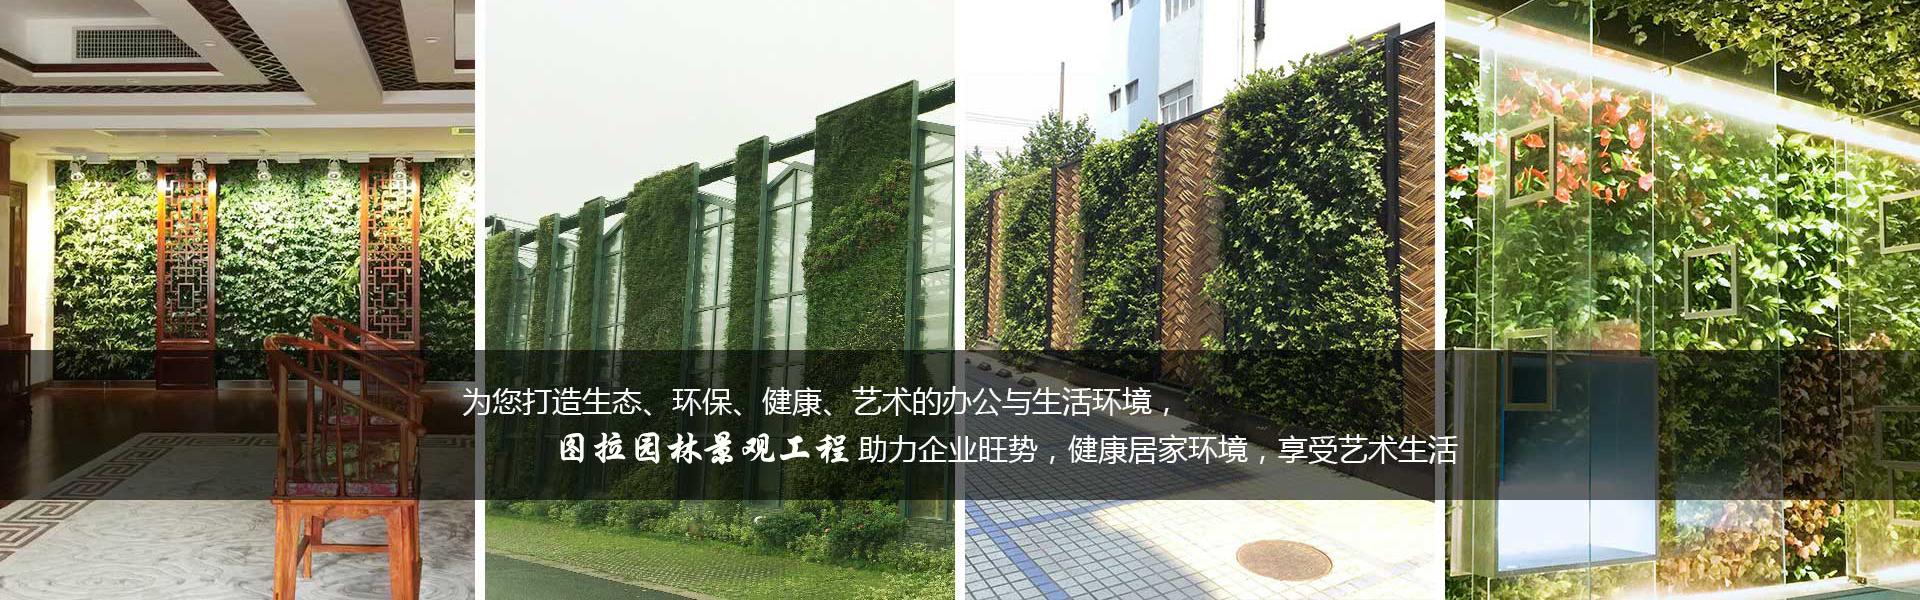 重庆图拉园林景观工程助力企业旺势,健康居家环境,享受艺术生活